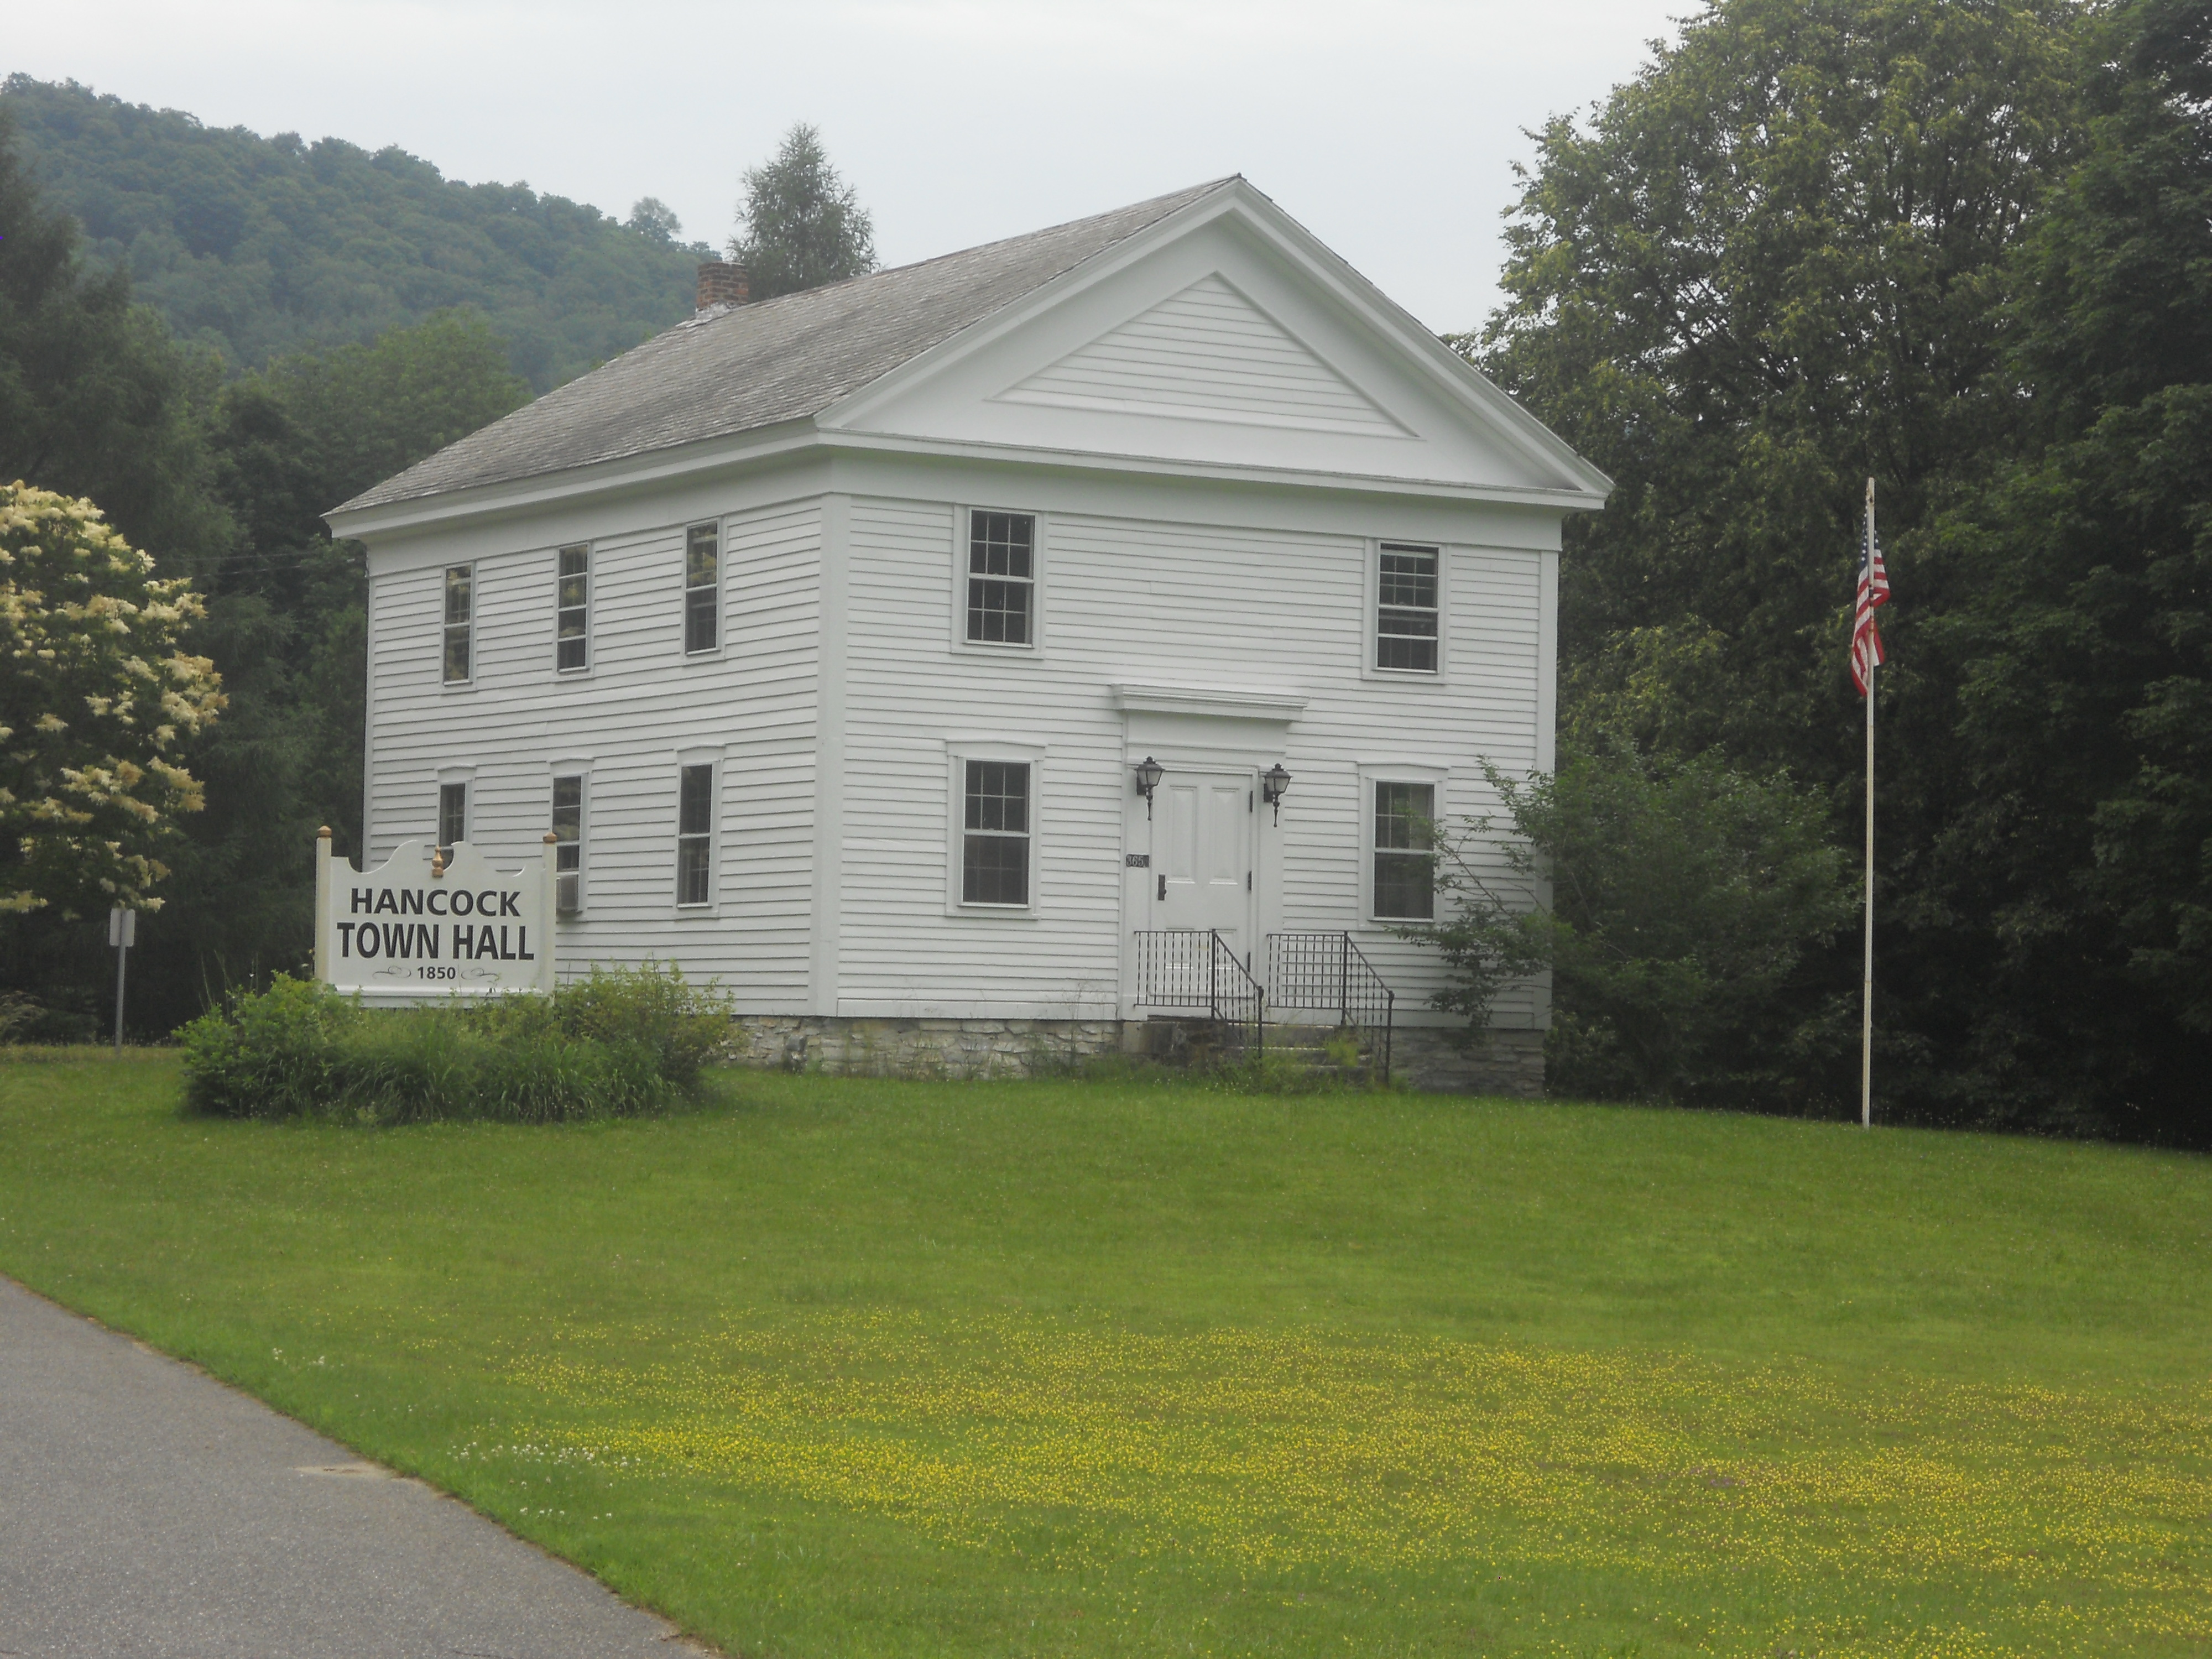 Hancock Town Hall